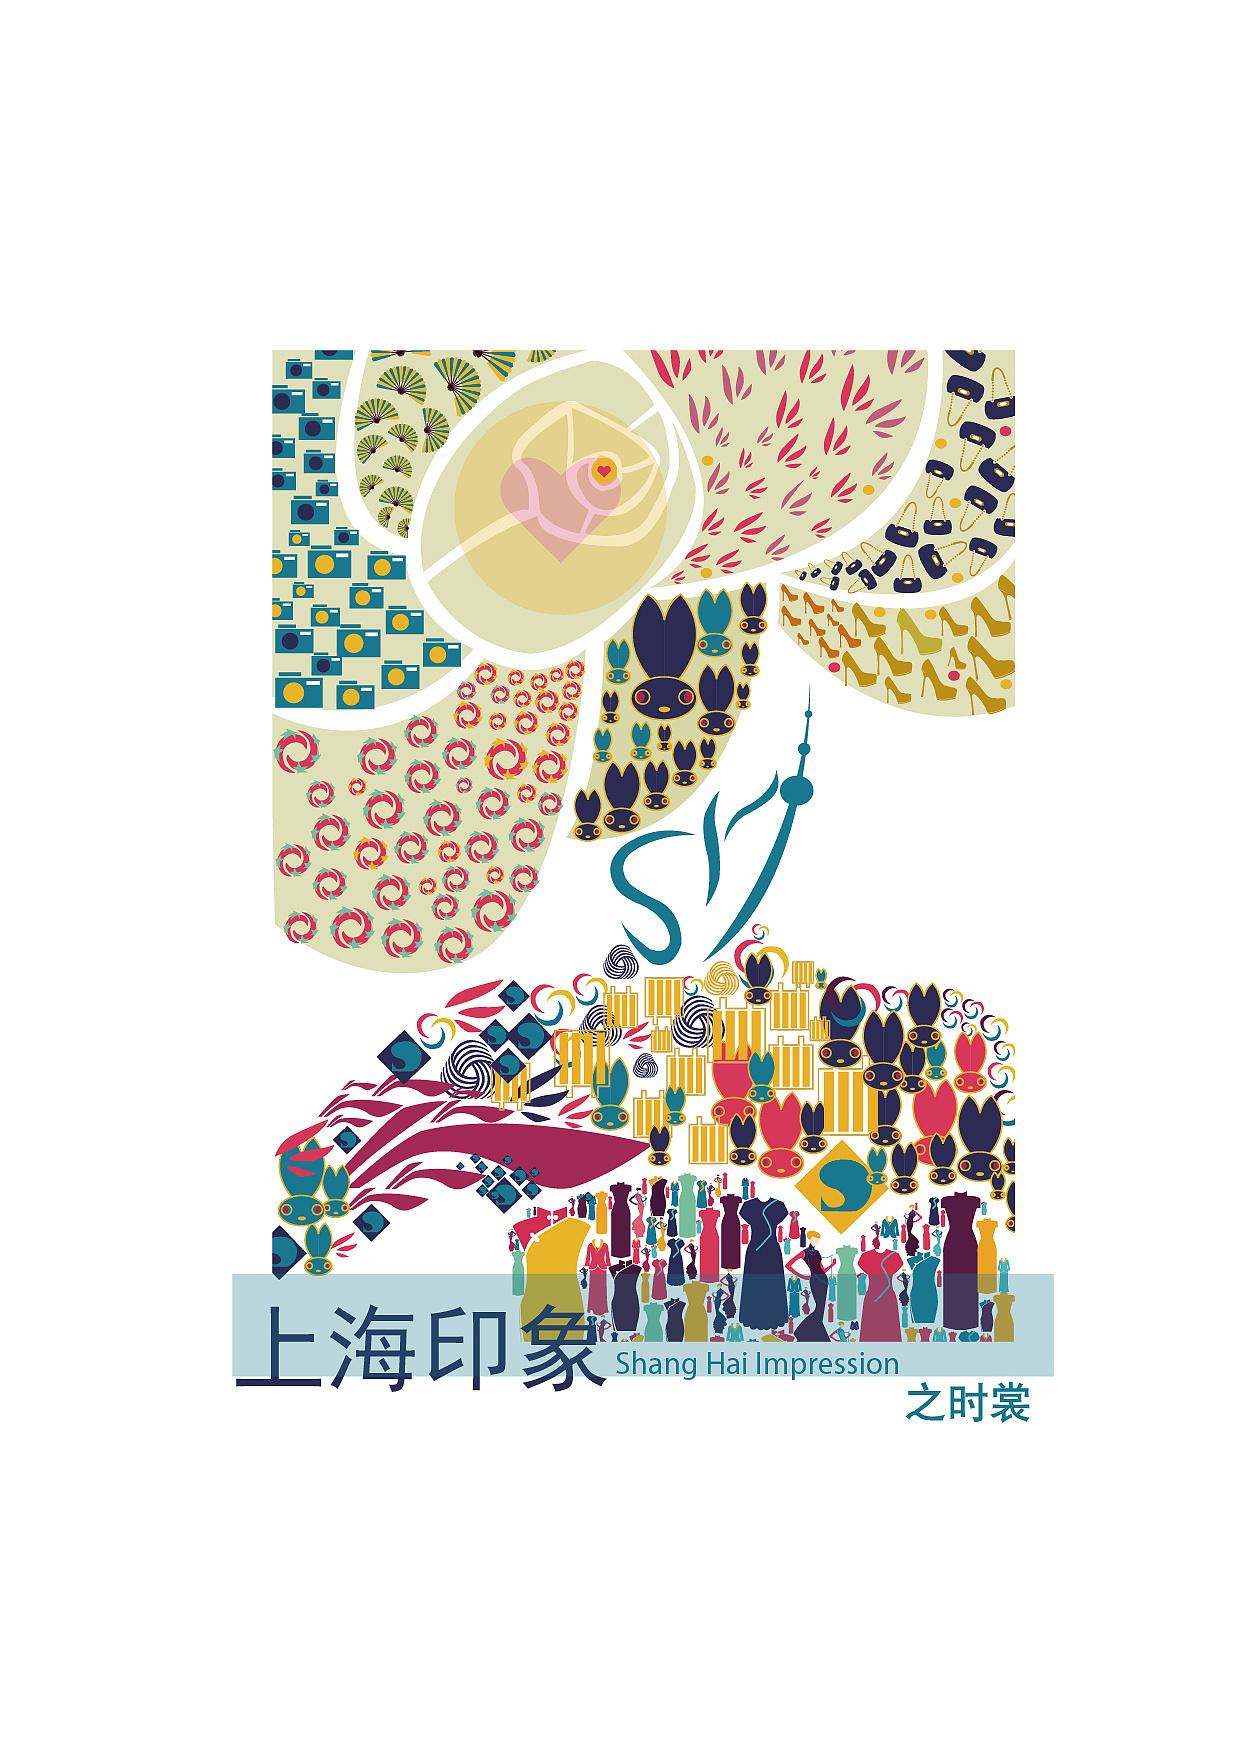 大学期间-海报设计-上海印象图片